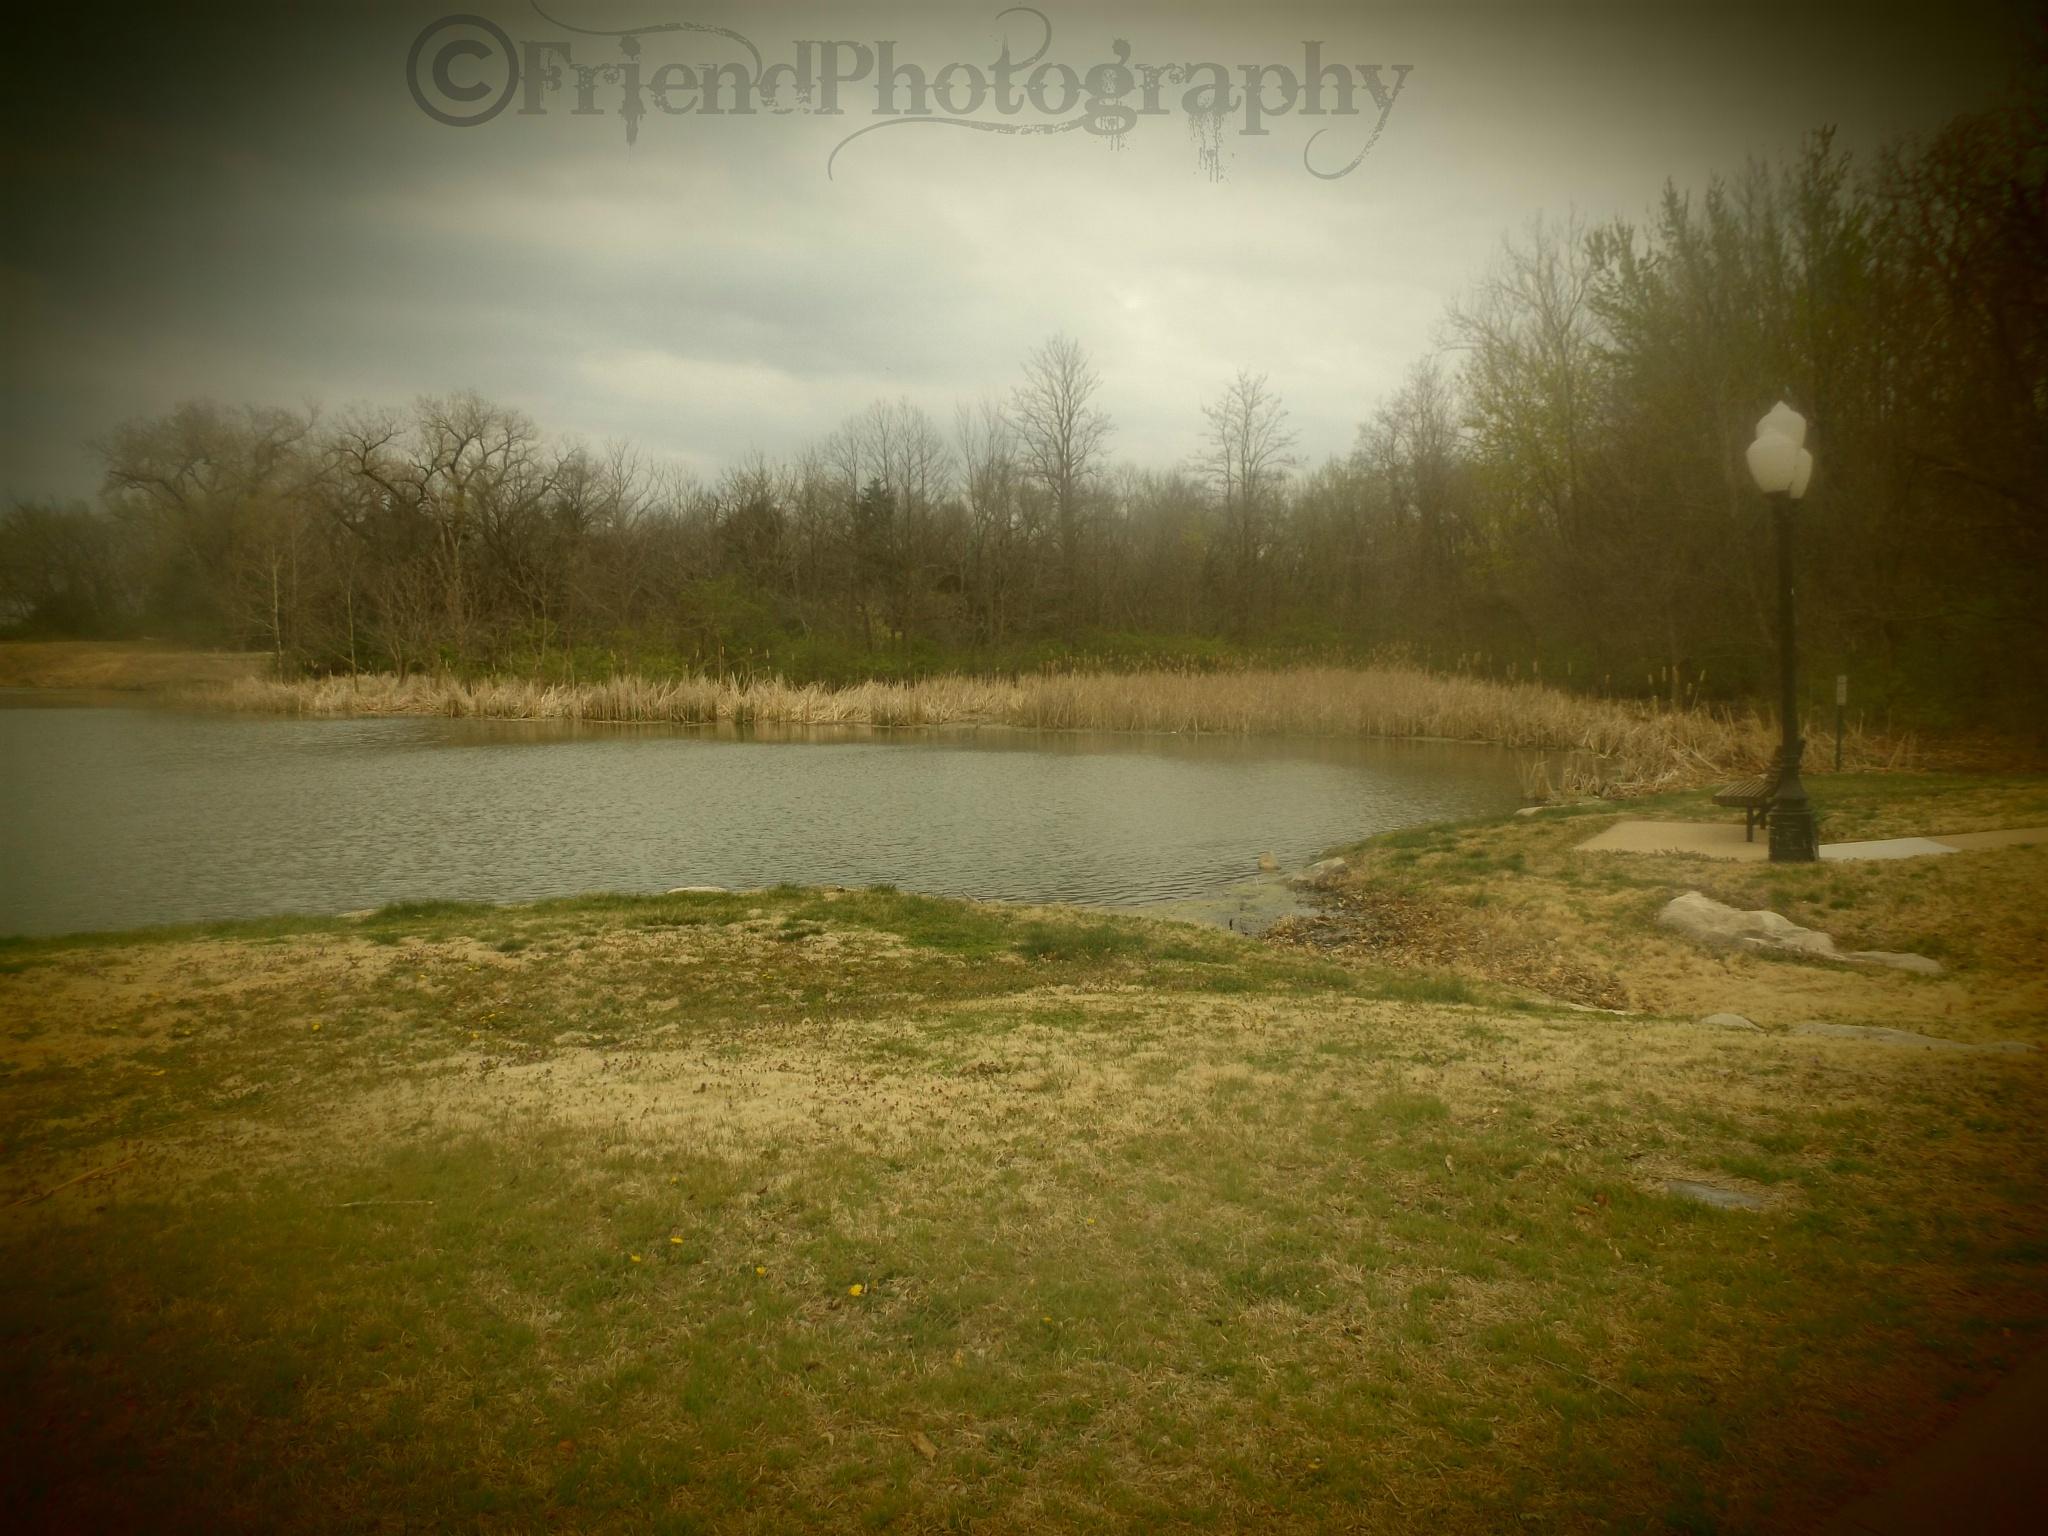 Fishin Spot by Ellie Friend